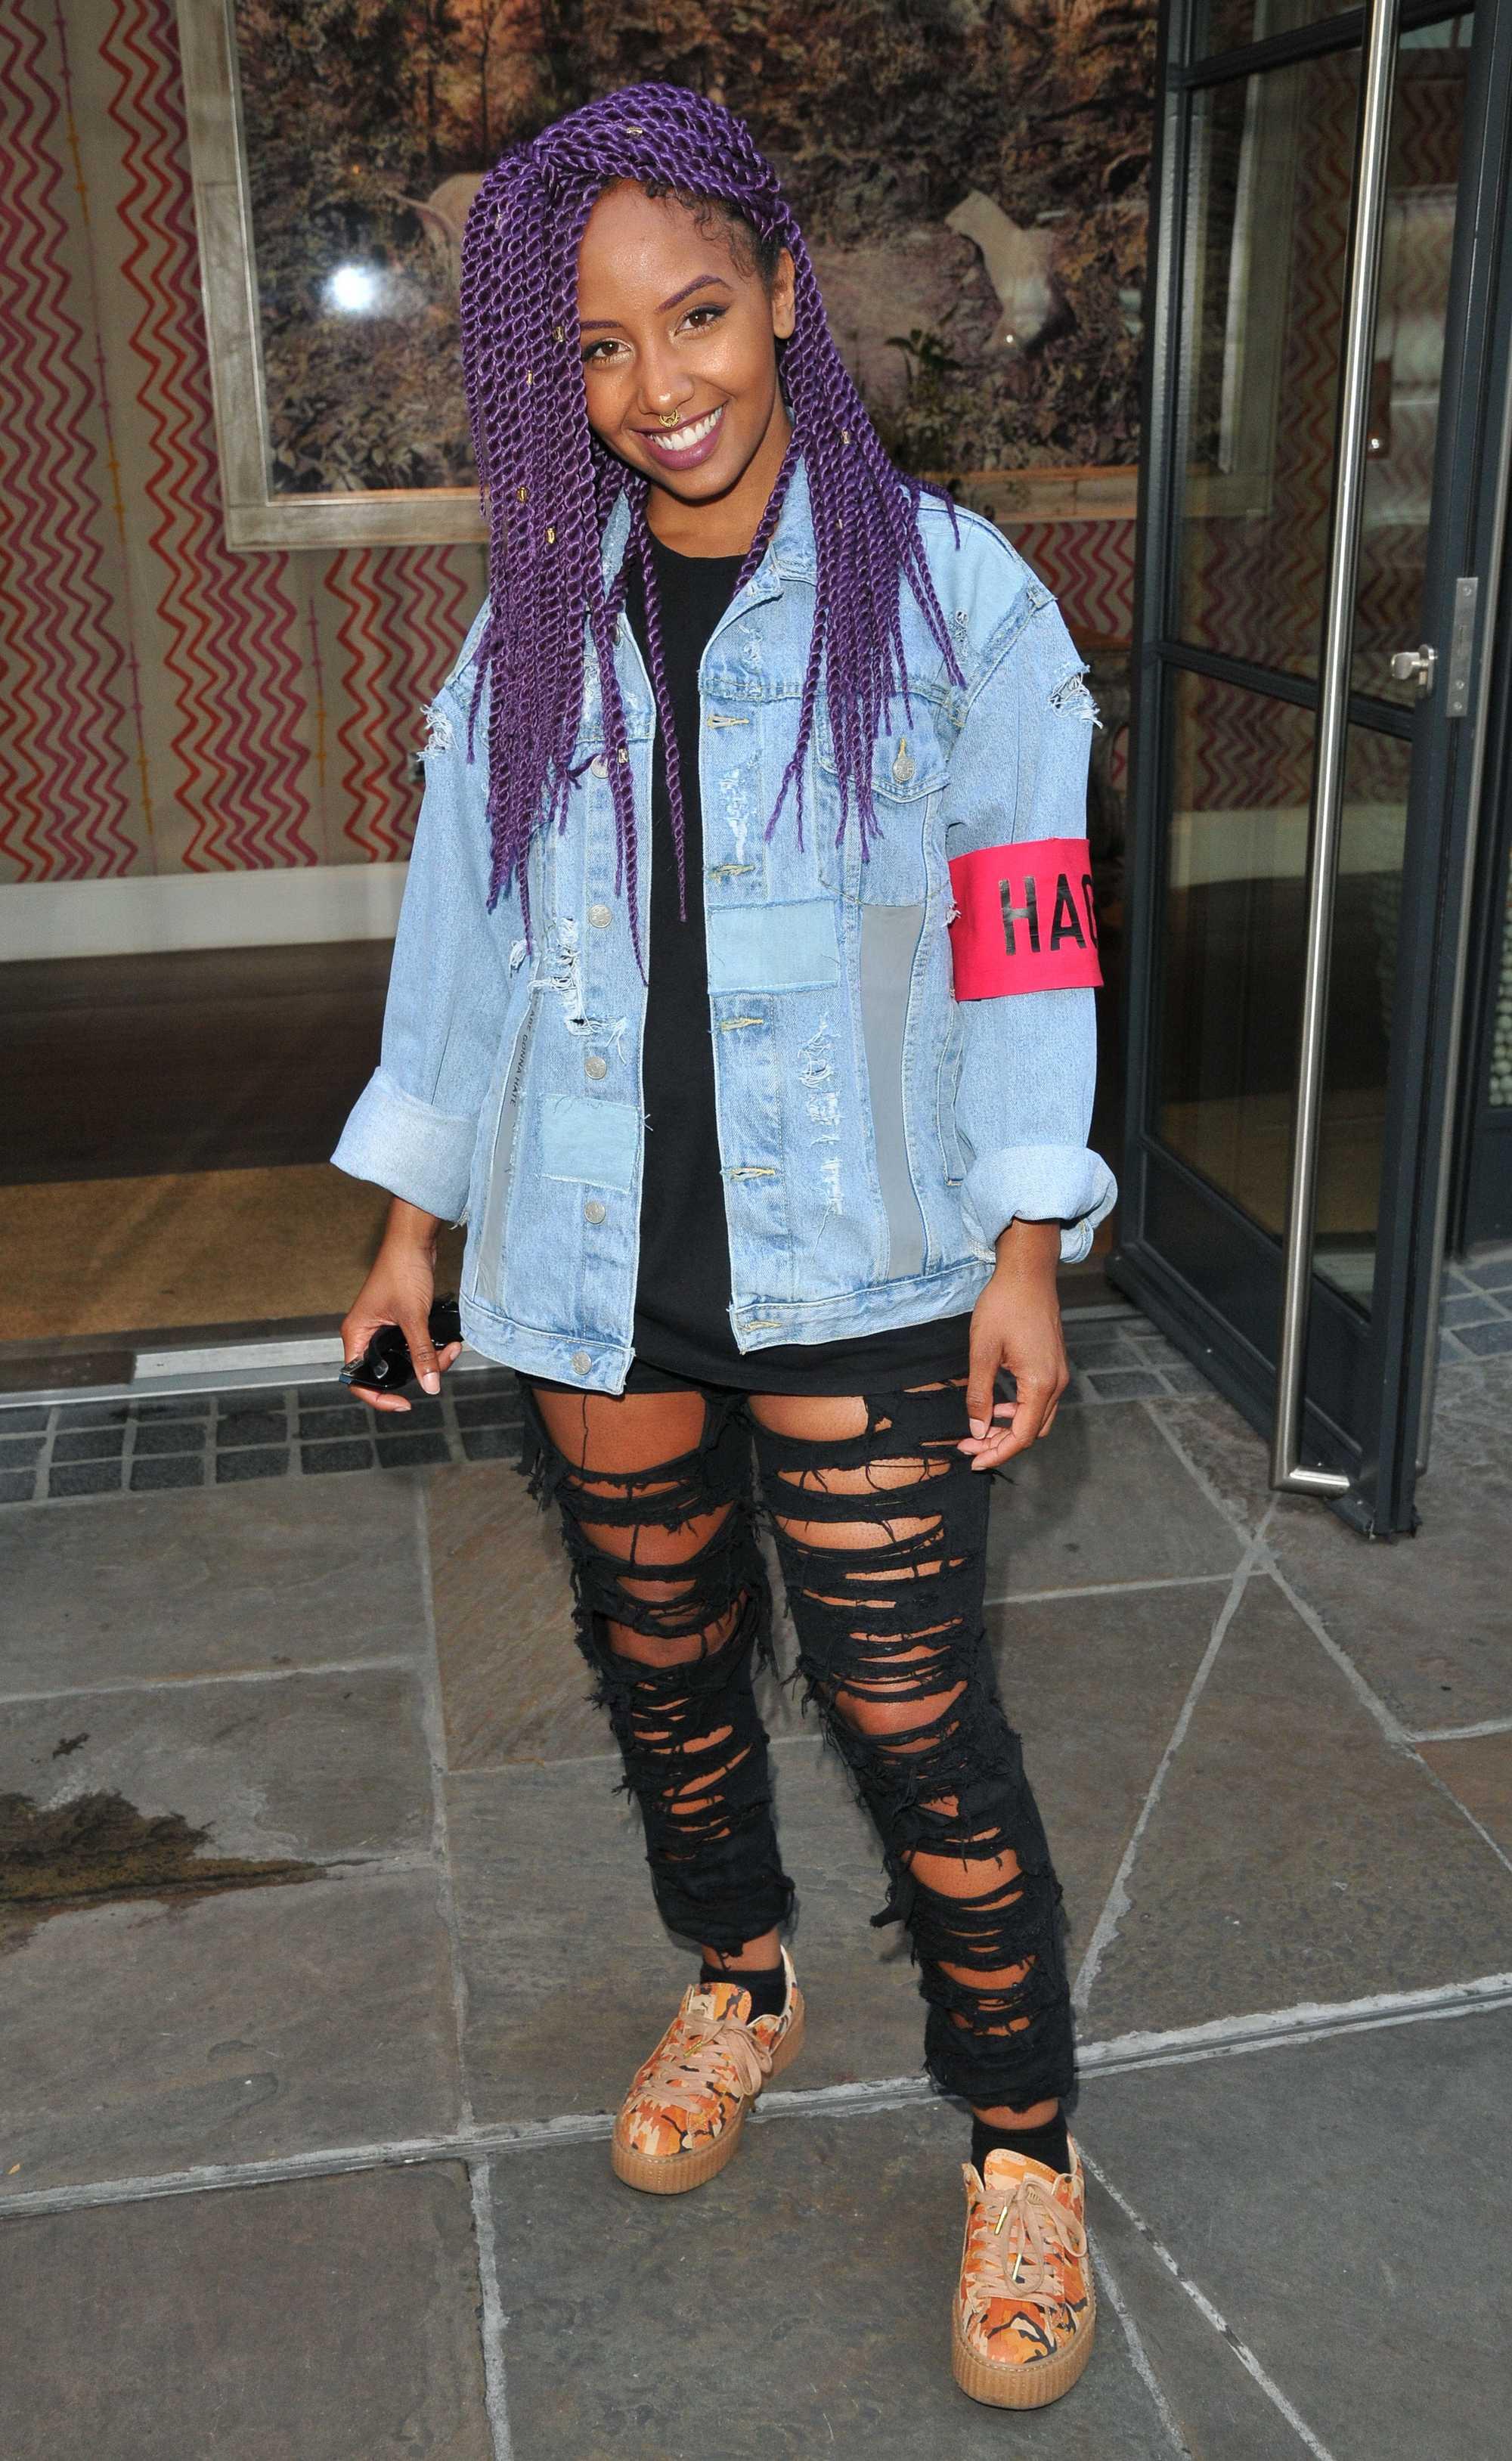 Coiffures avec des tresses en boîte : Jade Avia avec des tresses de boîte colorées en violet stylisant des tresses de boîte sur le côté